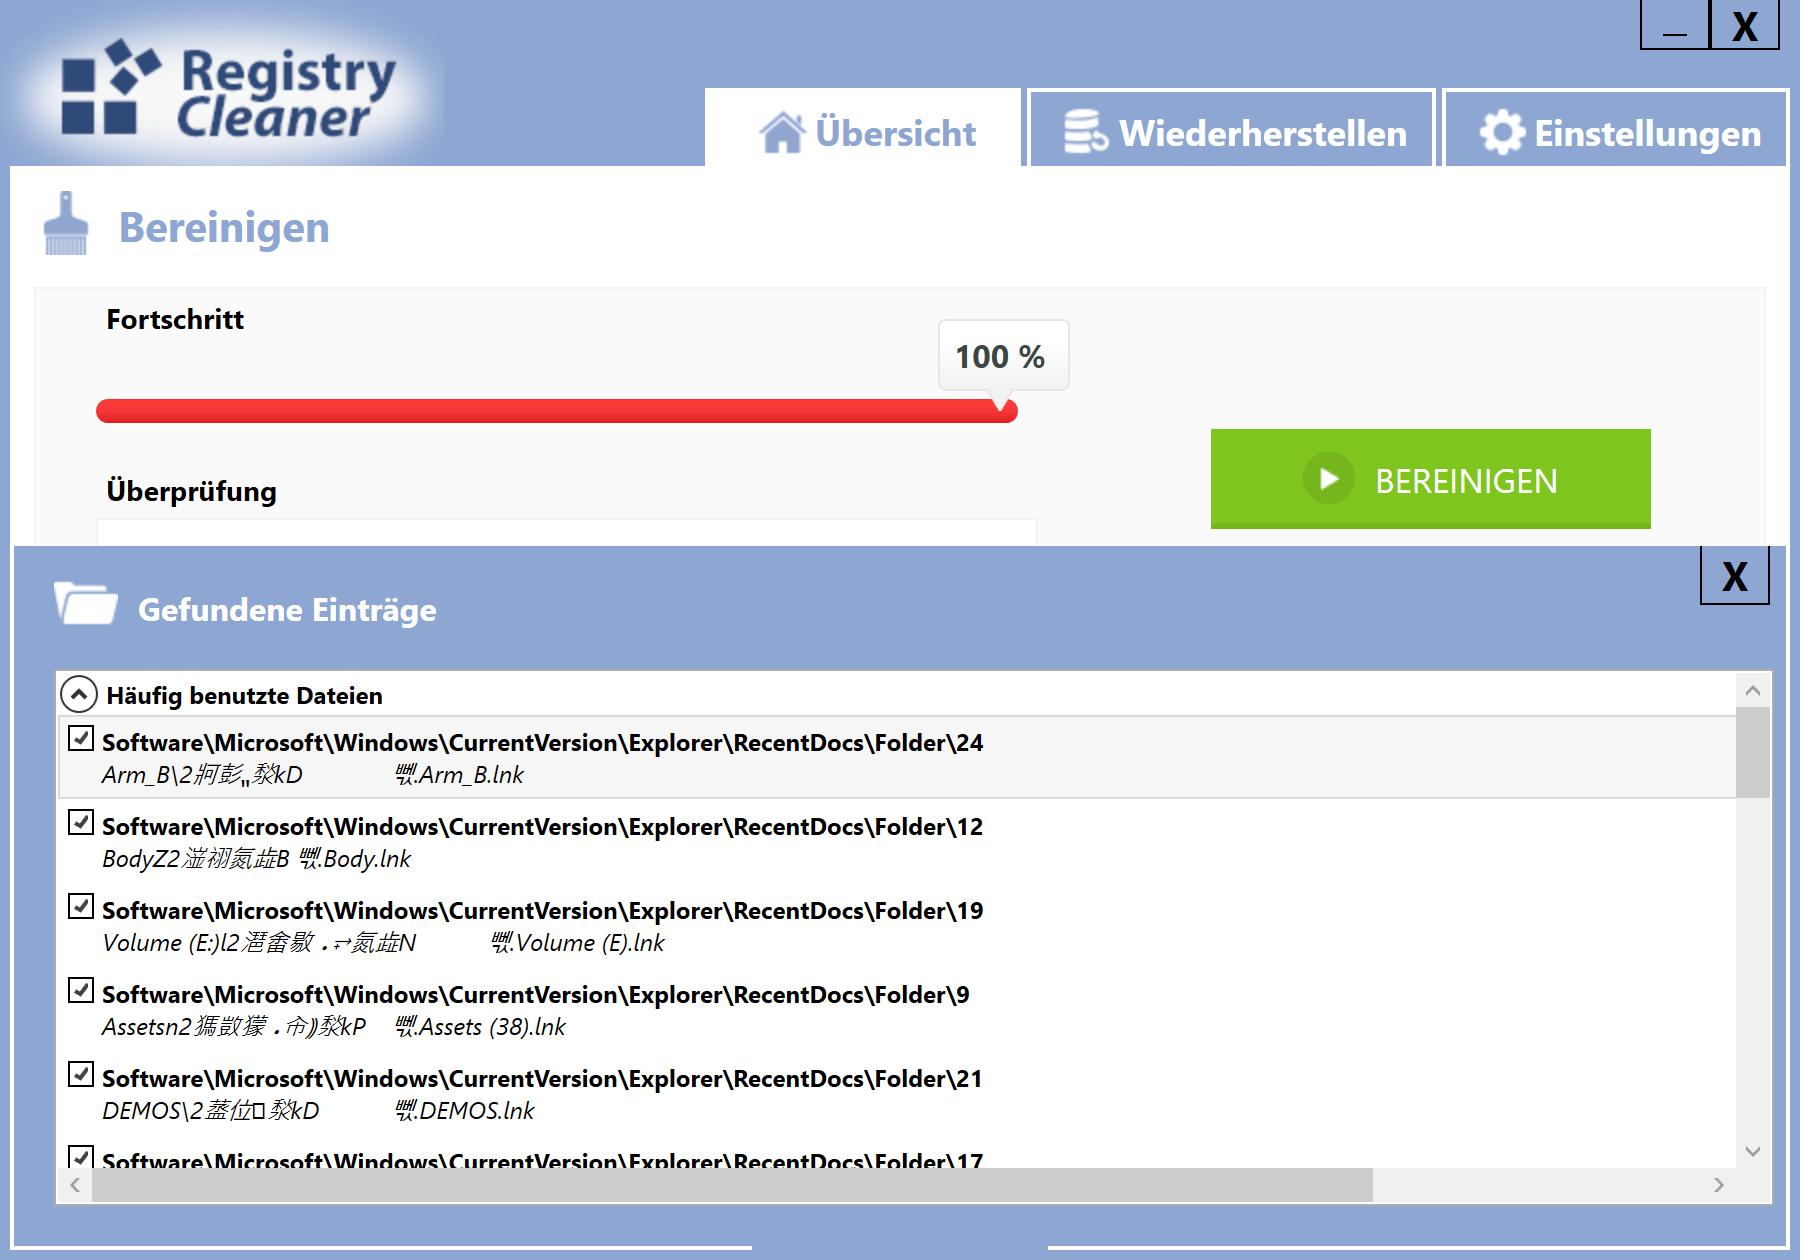 Registry Einträge löschen - Scanergebnisse prüfen